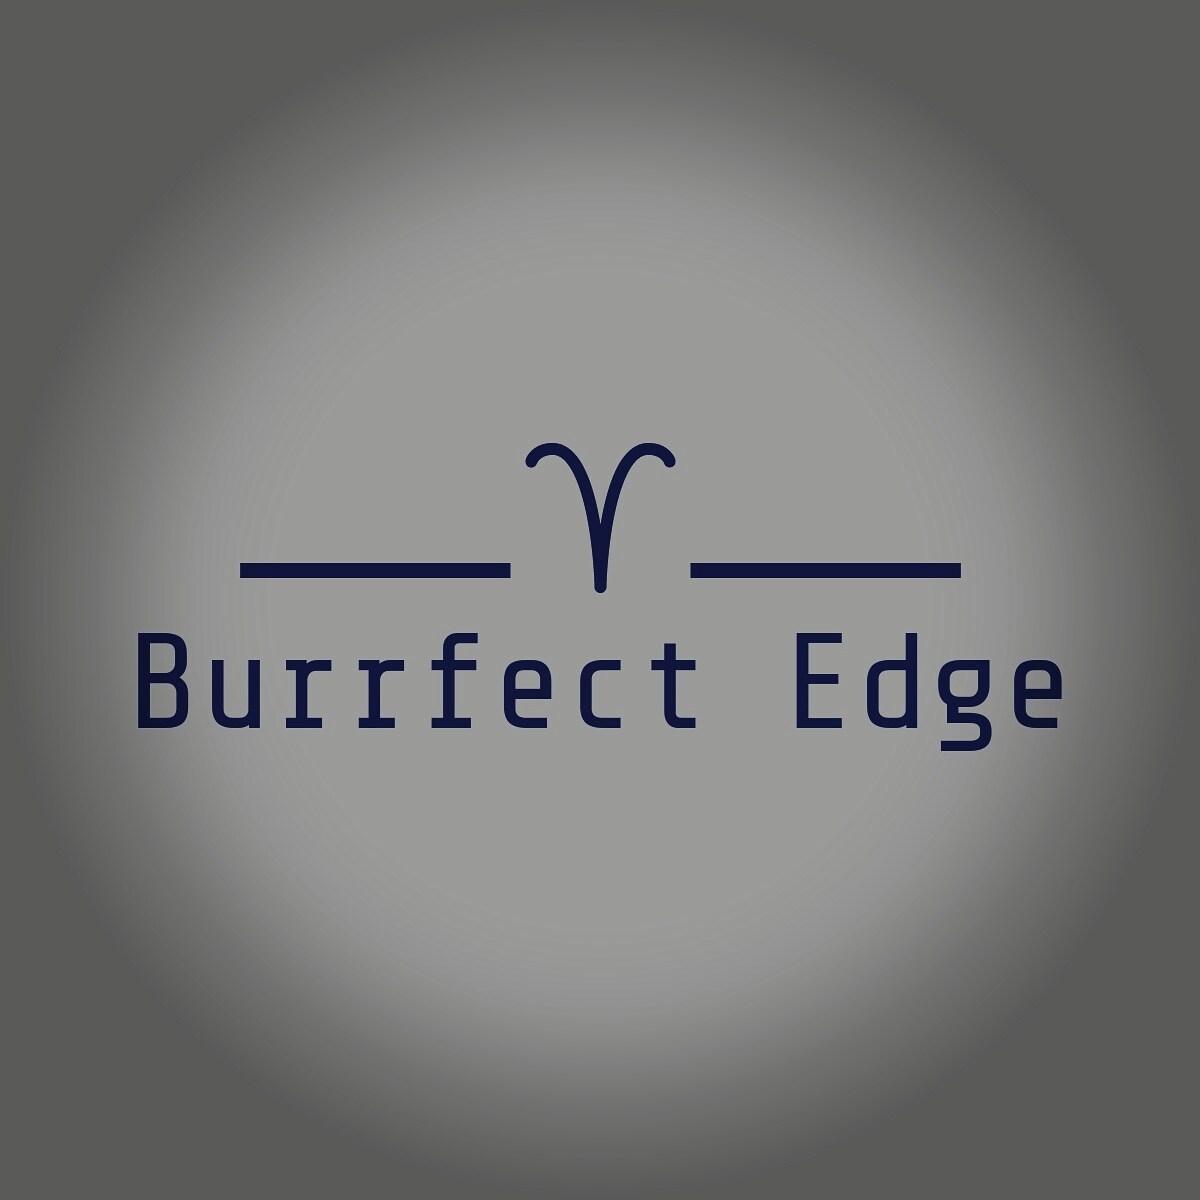 Burrfect Edge Sharpening